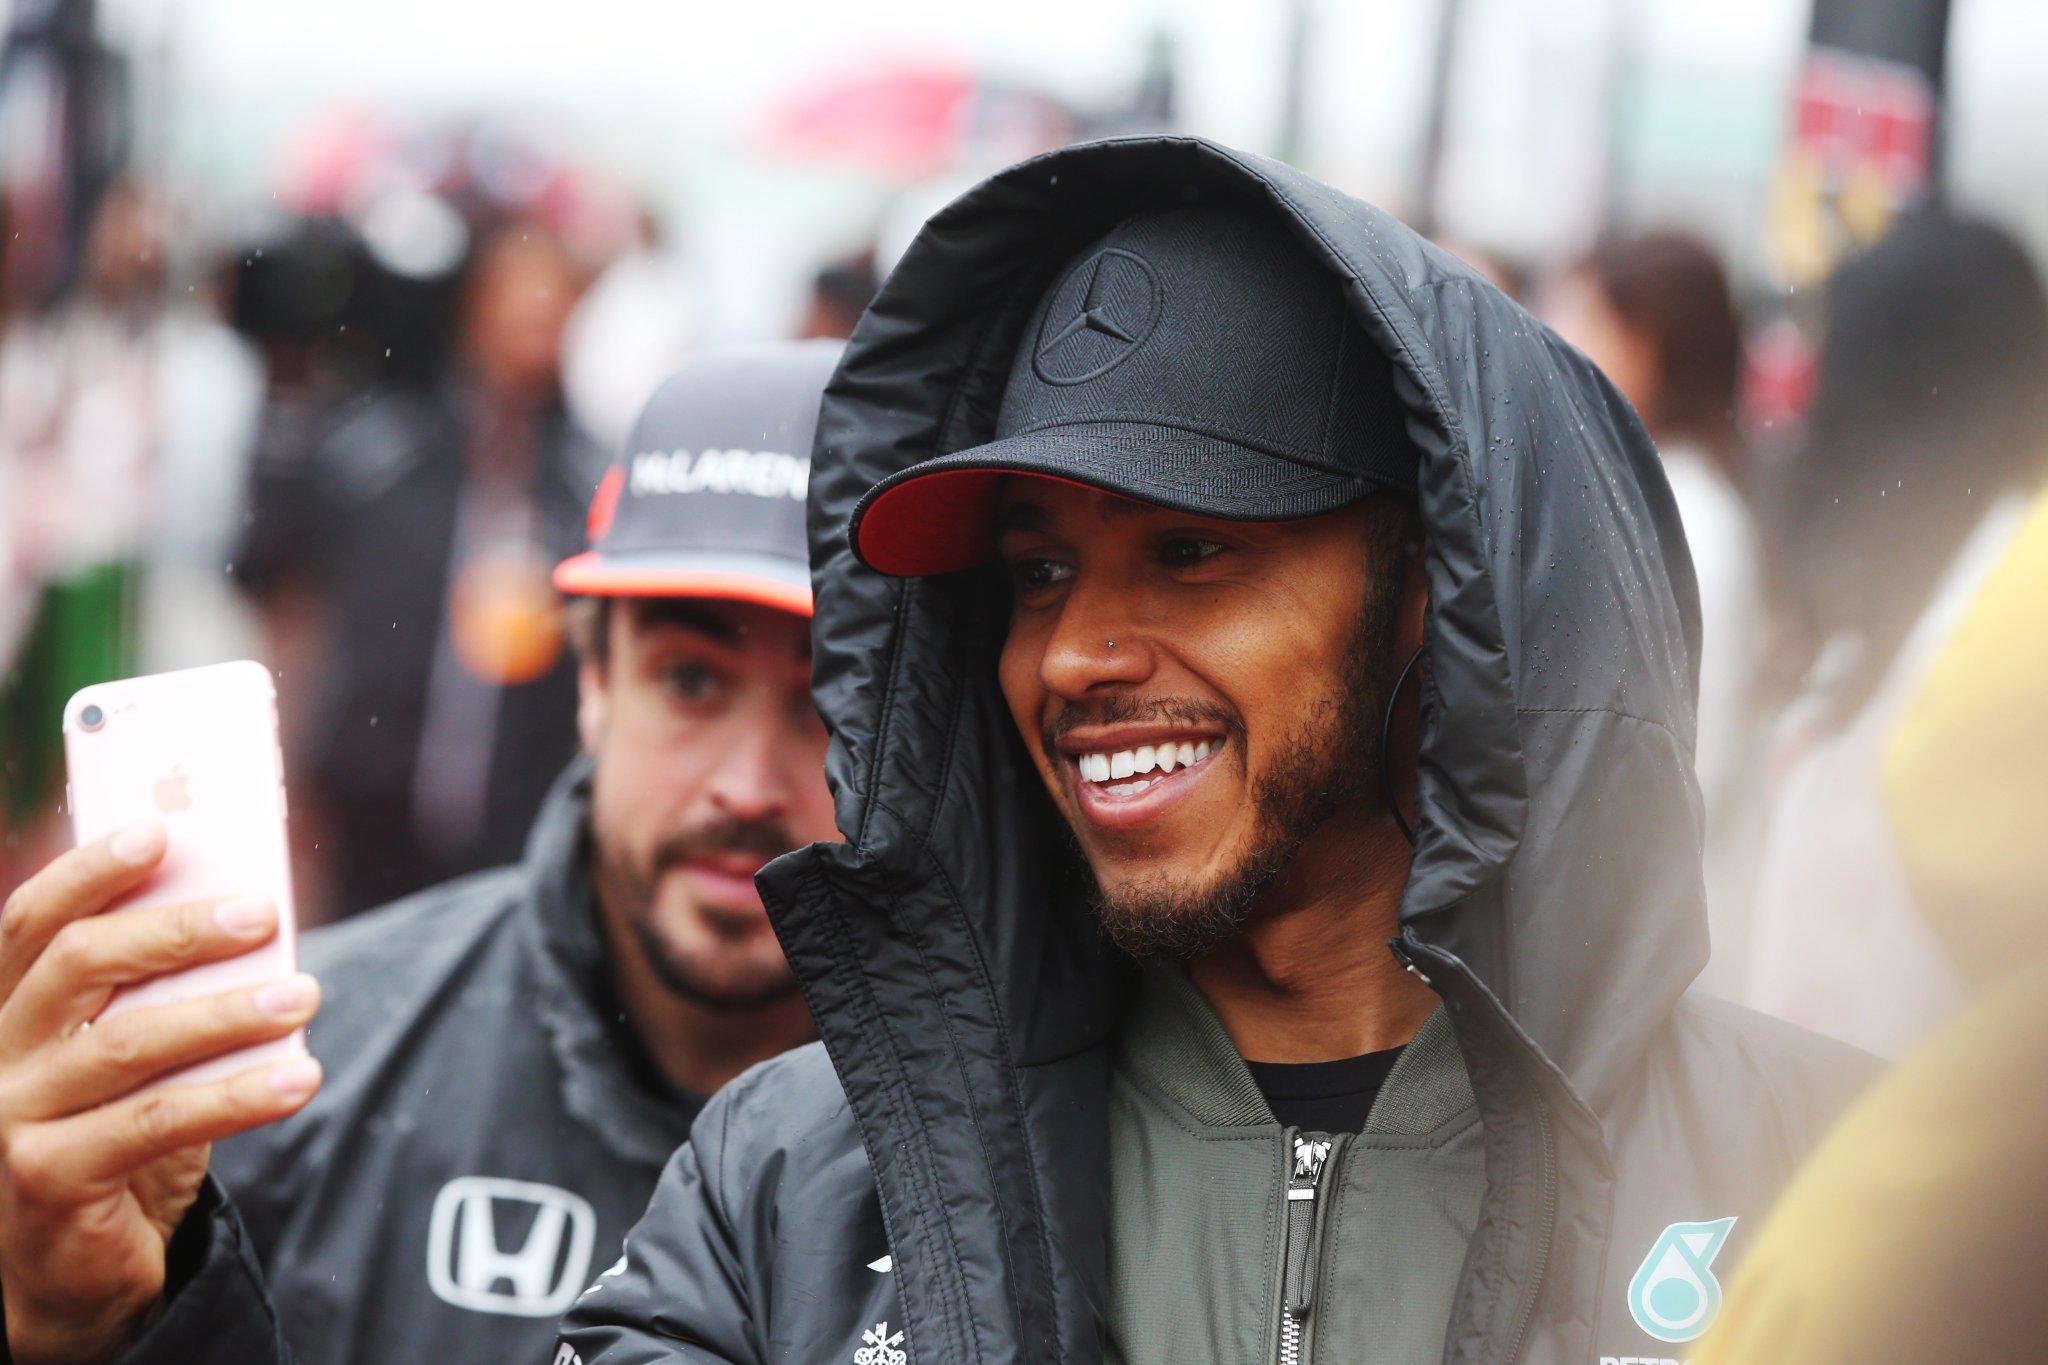 Бывшие партнёры по команде McLaren Льюис Хэмилтон и Фернандо Алонсо